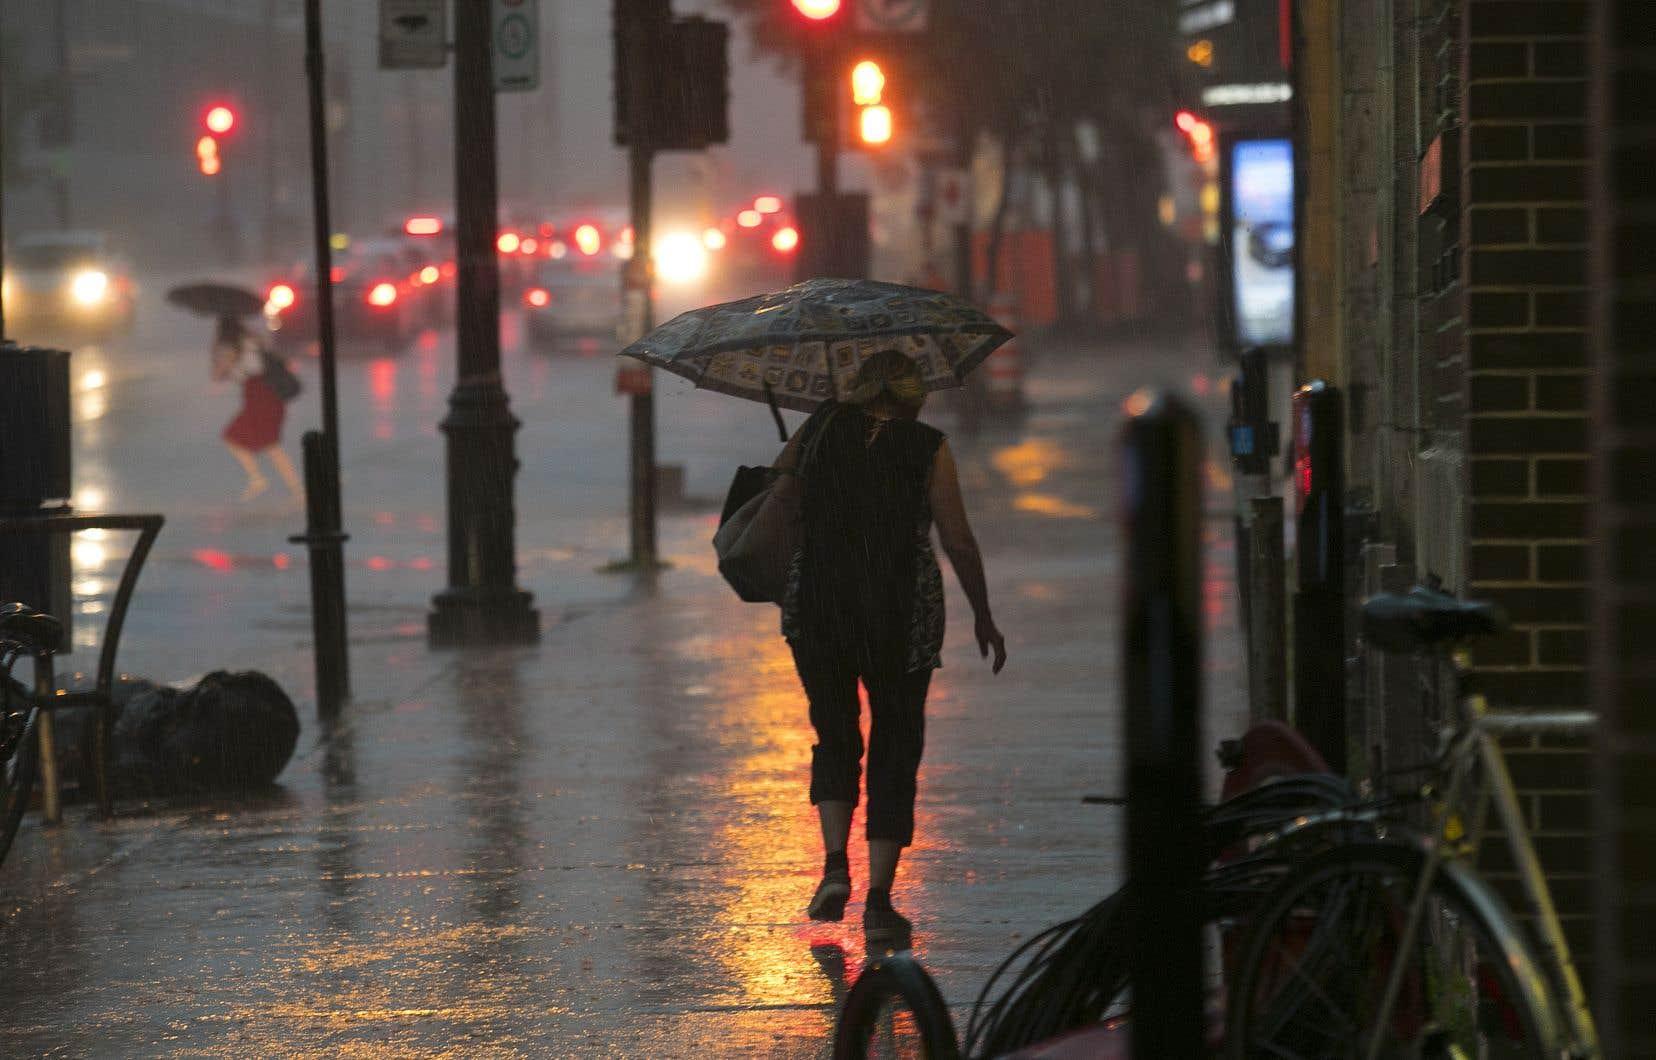 Les précipitations pourraient atteindre entre 50 et 100 millimètres dans certaines parties de la Nouvelle-Écosse, de l'Île-du-Prince-Édouard et du sud-est du Nouveau-Brunswick.